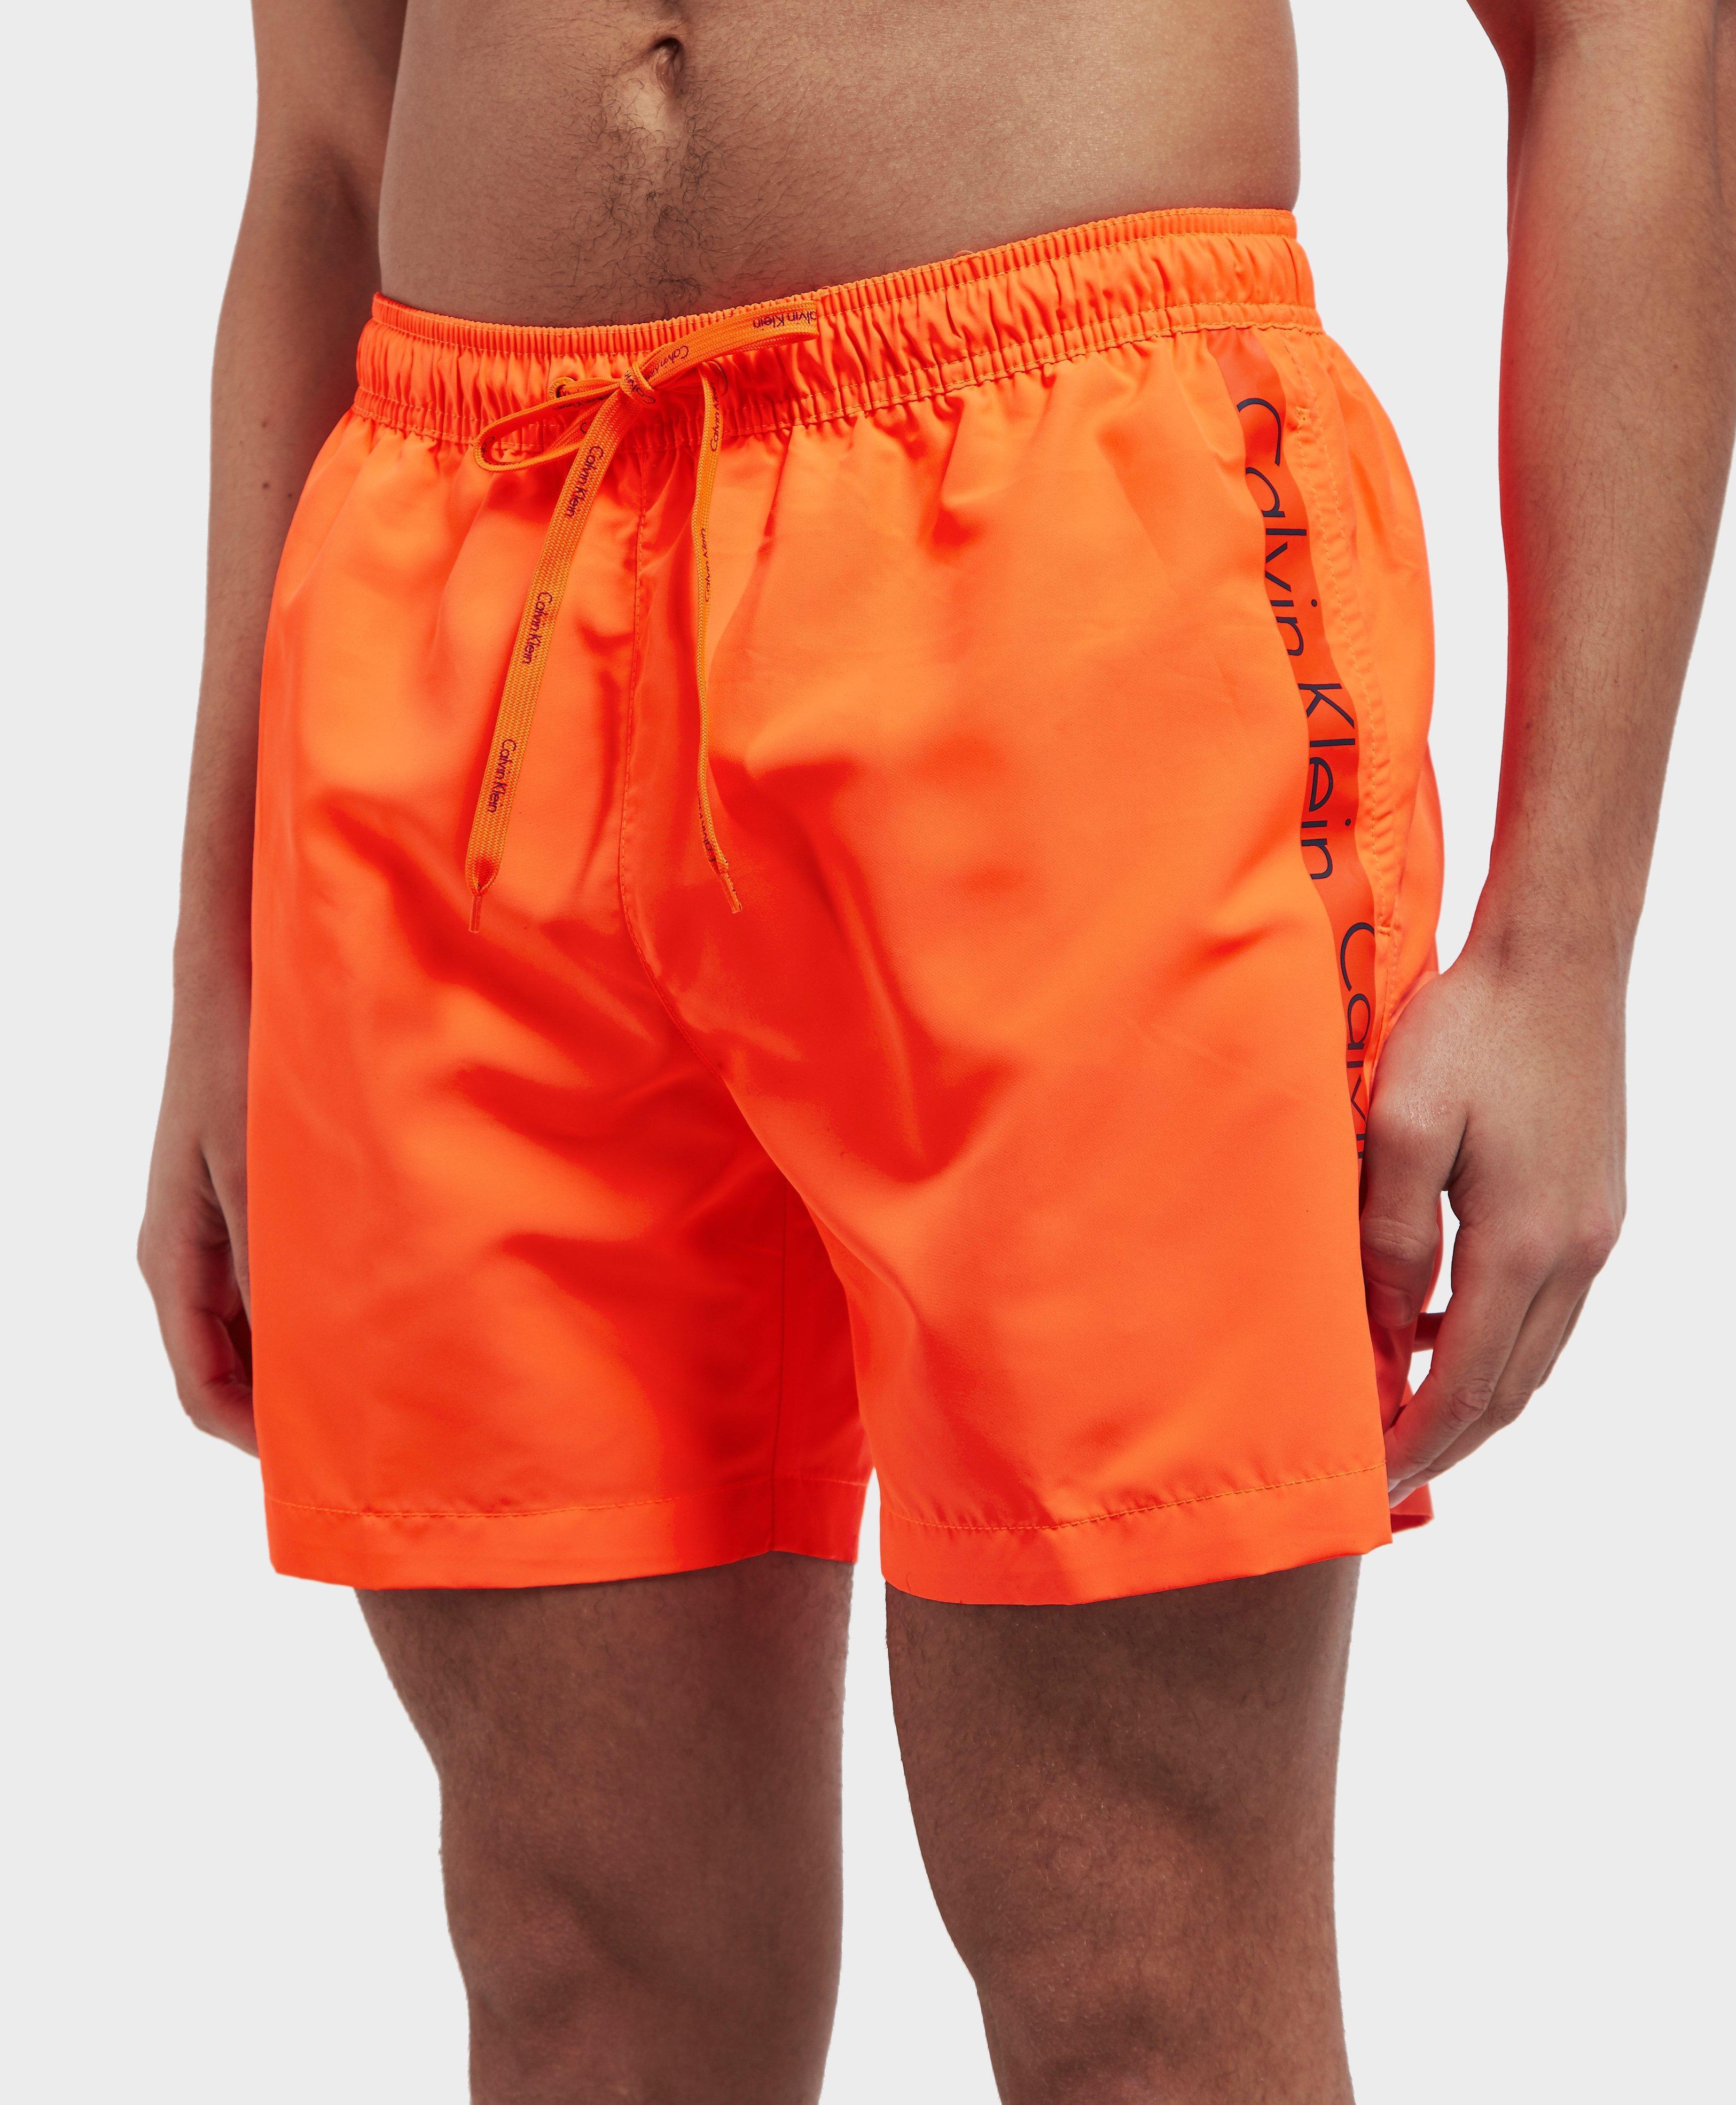 50fe6280518 Calvin Klein Side Logo Swim Shorts in Orange for Men - Lyst